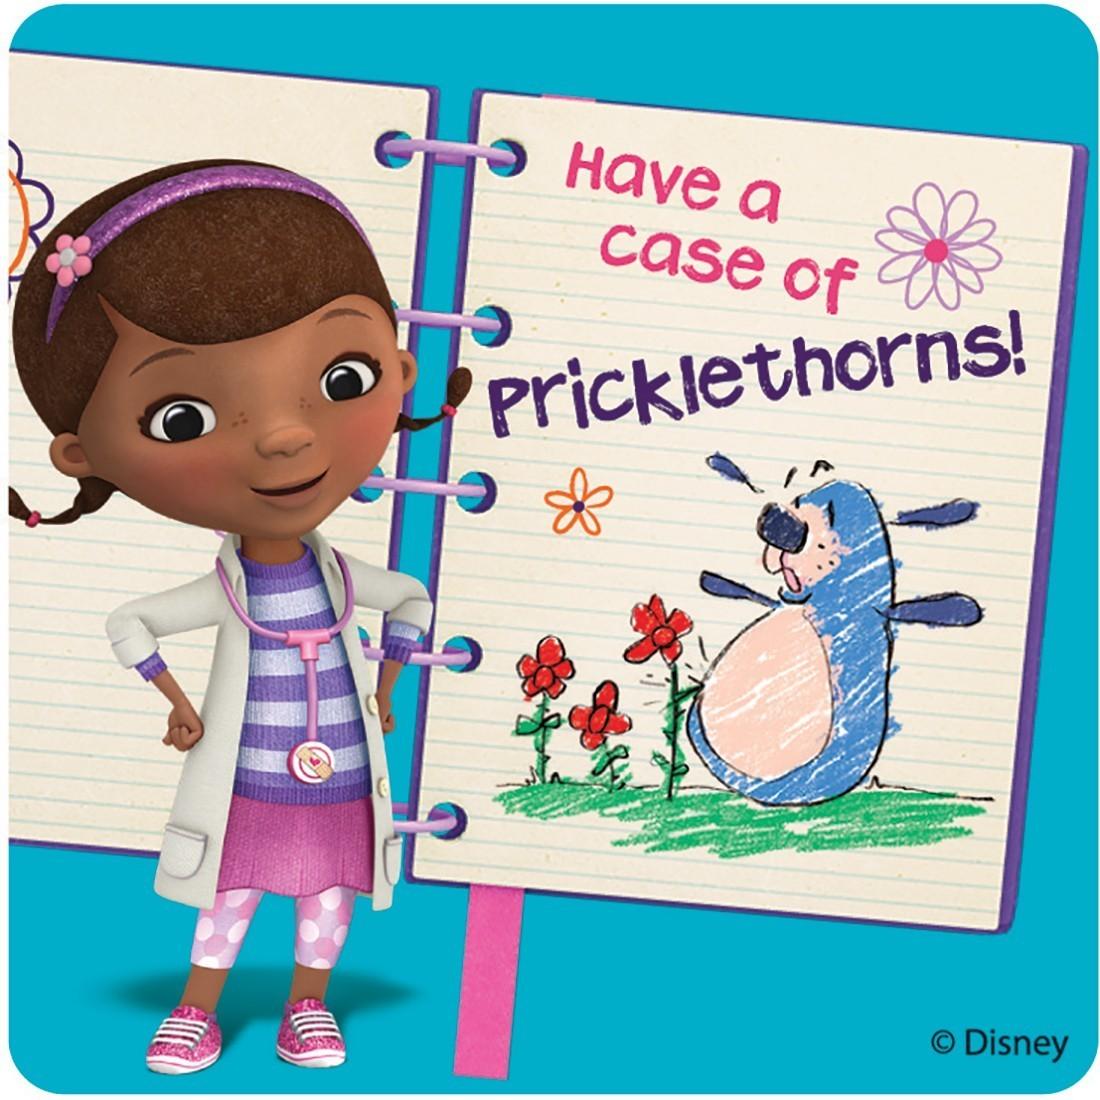 Doc mcstuffins big book or boo boos clipart vector freeuse download Doc McStuffins: Big Book of Boo Boos - from SmileMakers vector freeuse download